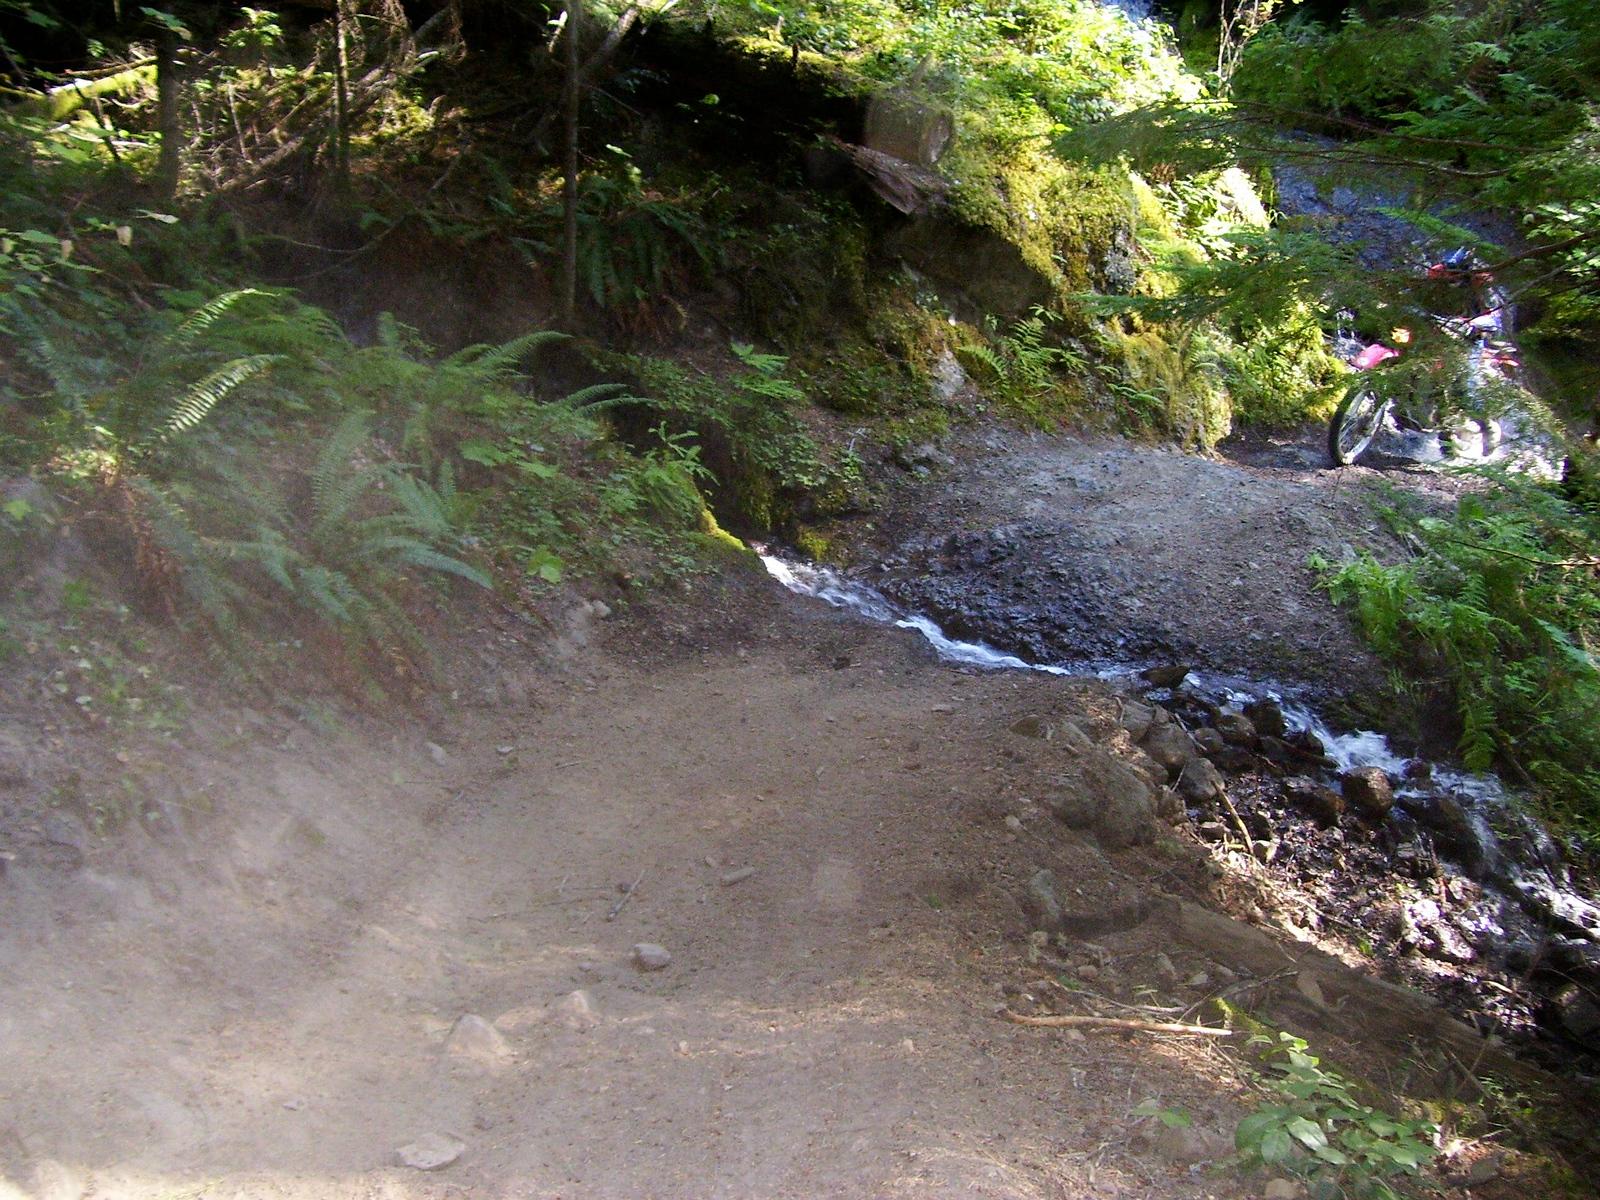 Kevin Jurasinski crossing the little waterfall on the 270